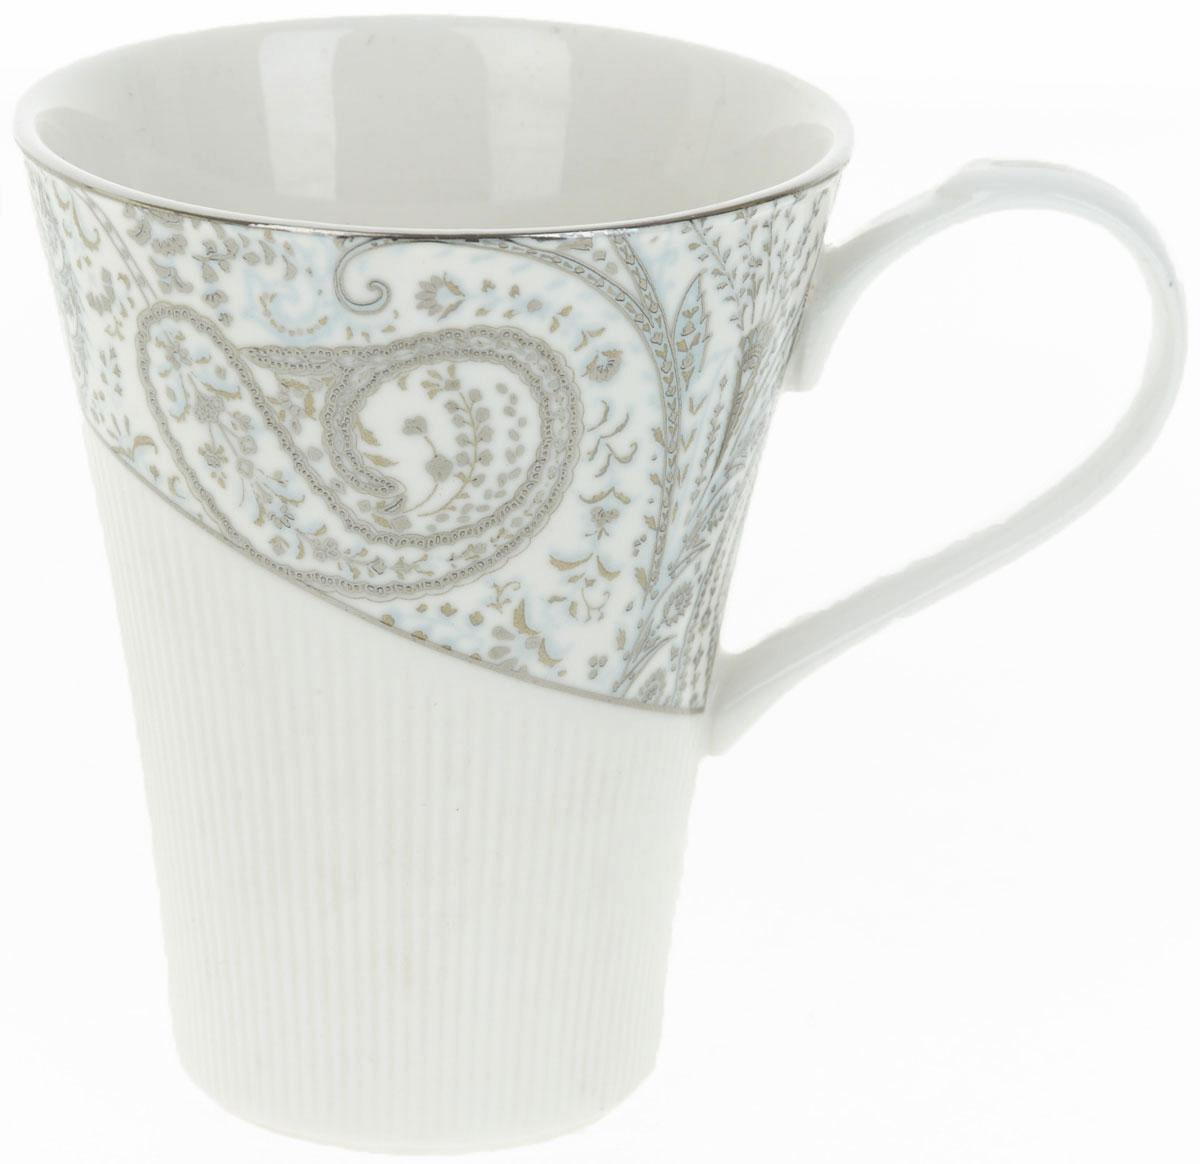 Кружка BHP Вавилон, 270 млM1480075Оригинальная кружка Best Home Porcelain, выполненная из высококачественного фарфора, сочетает в себе простой, утонченный дизайн с максимальной функциональностью. Оригинальность оформления придется по вкусу тем, кто ценит индивидуальность.Можно использовать в посудомоечной машине.